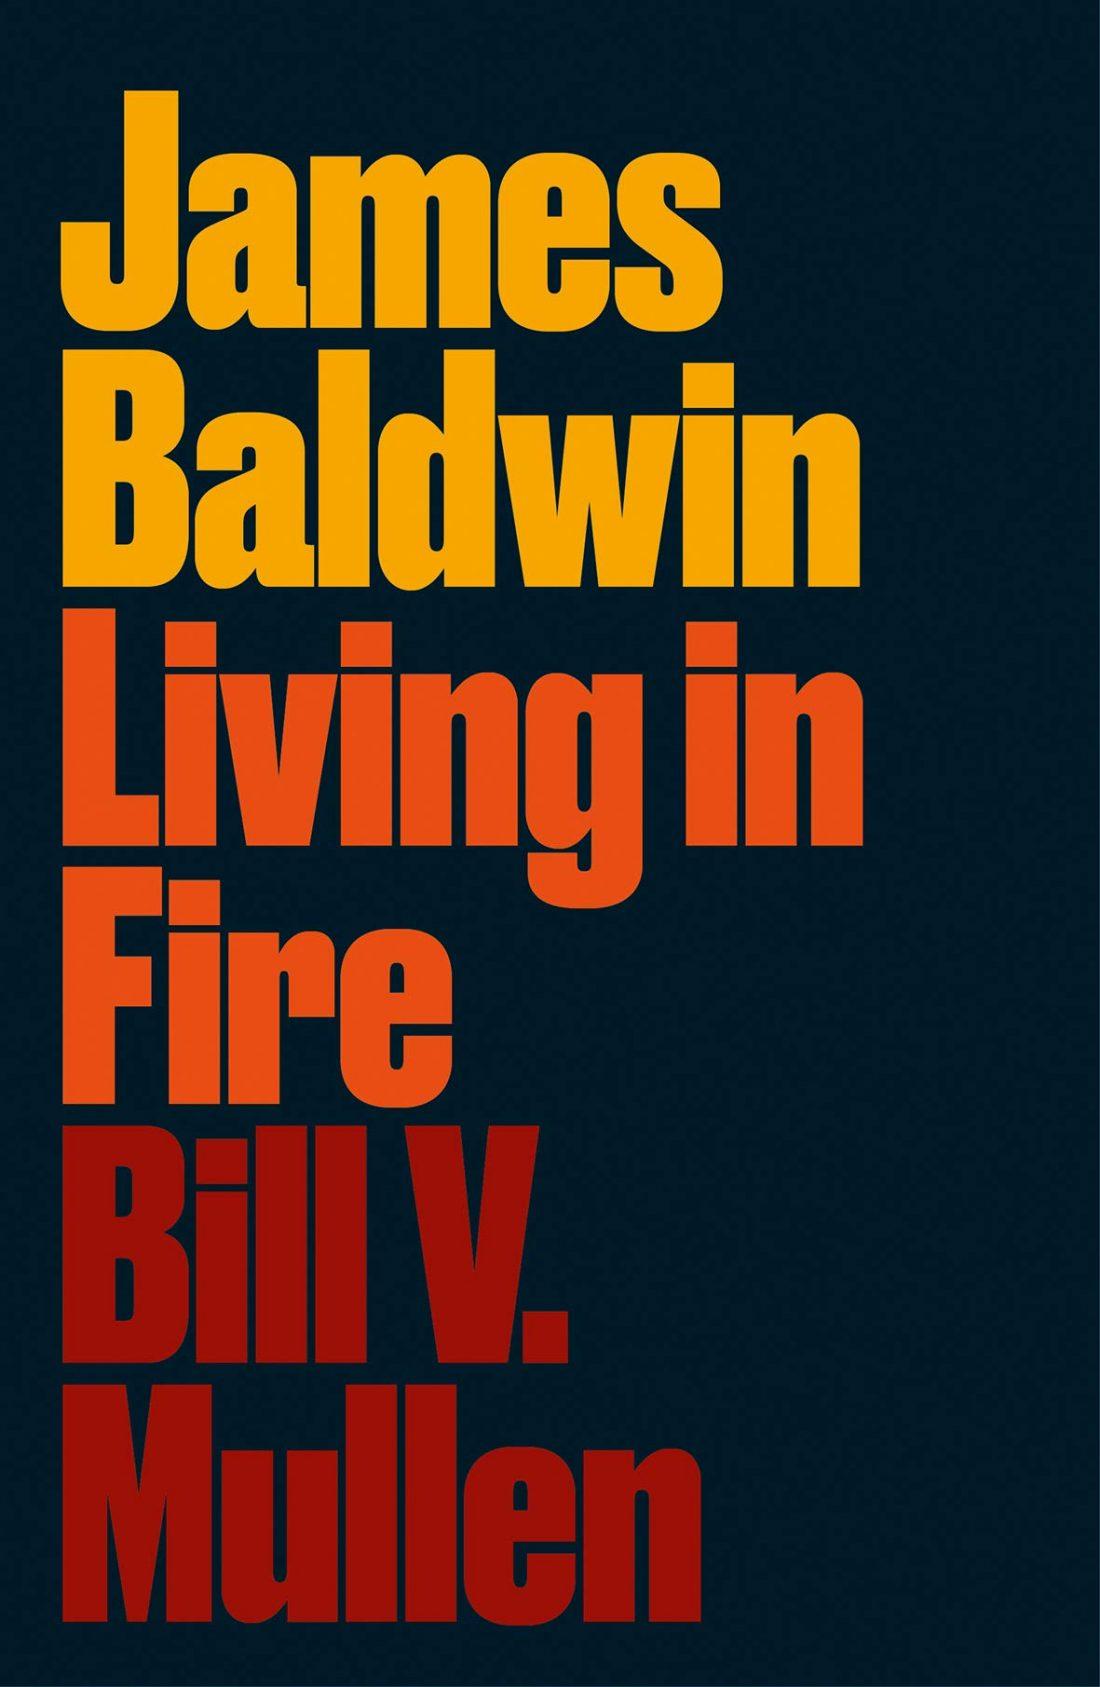 James Baldwin Living in Fire